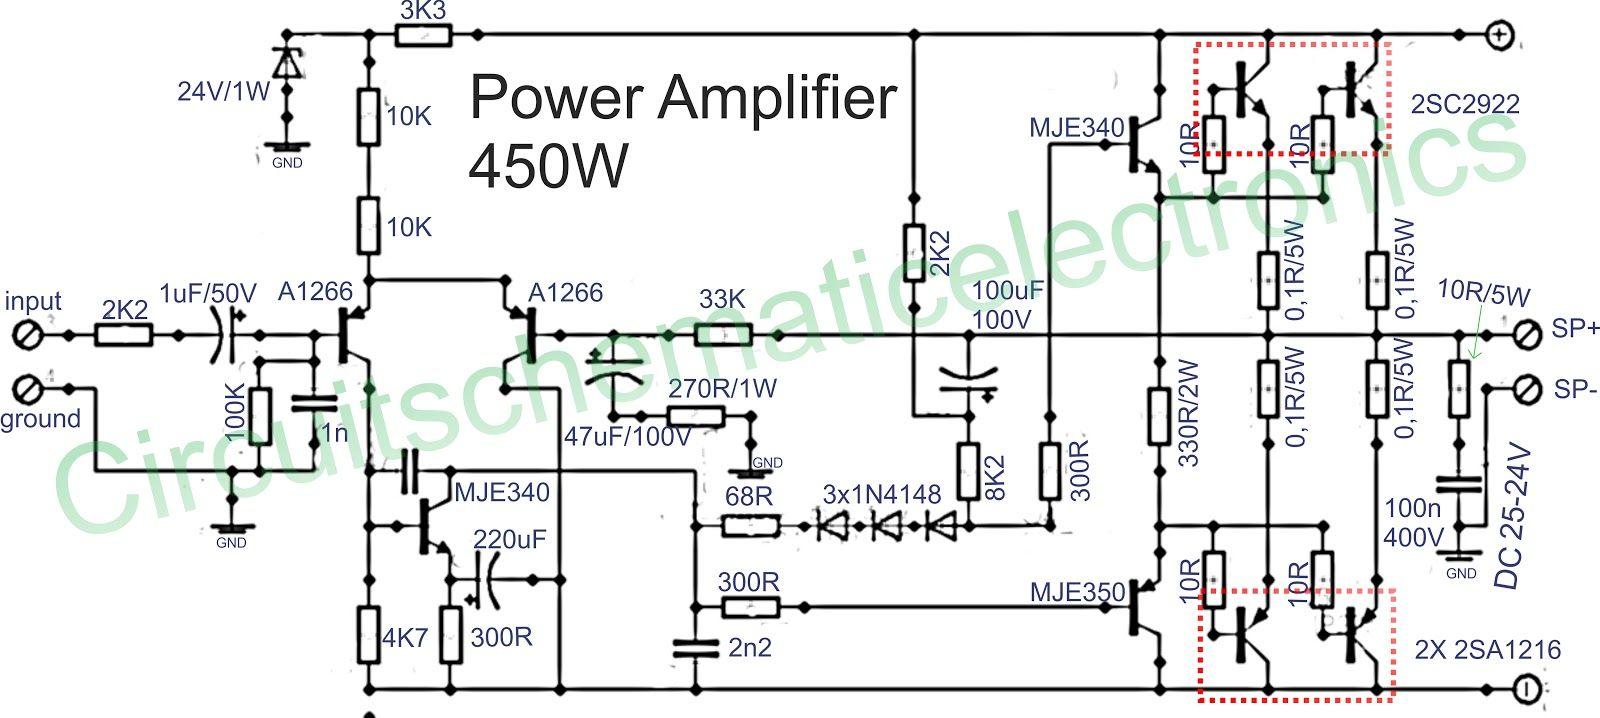 medium resolution of power amplifier 450w with sanken